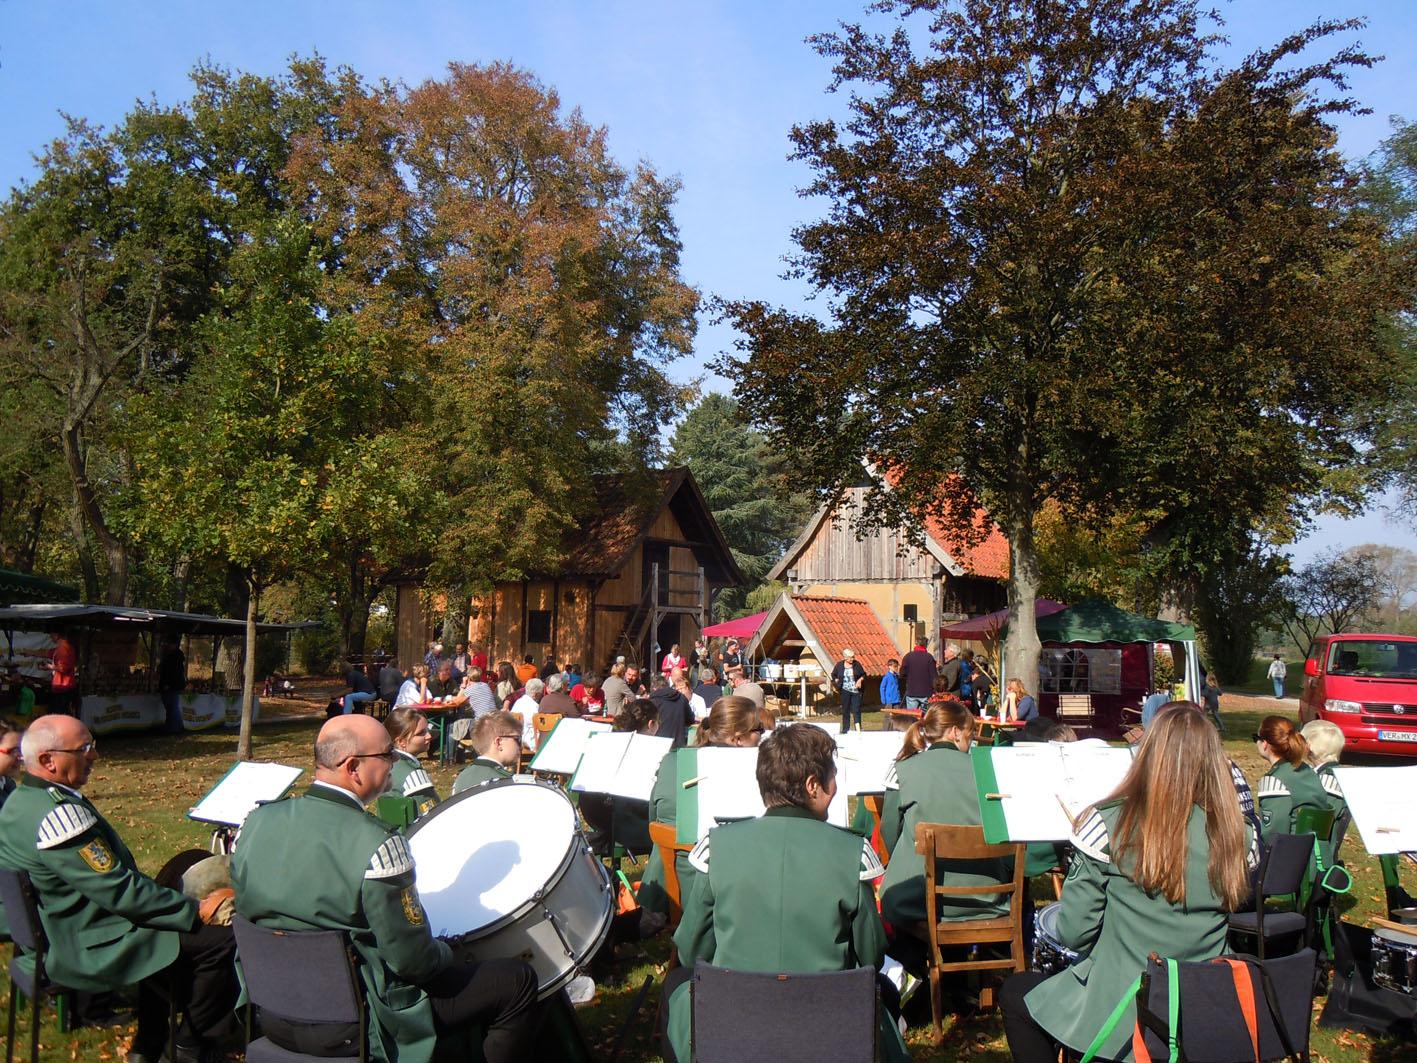 Musik gab's auch / Bild: Margret Dannemann-Jarchow